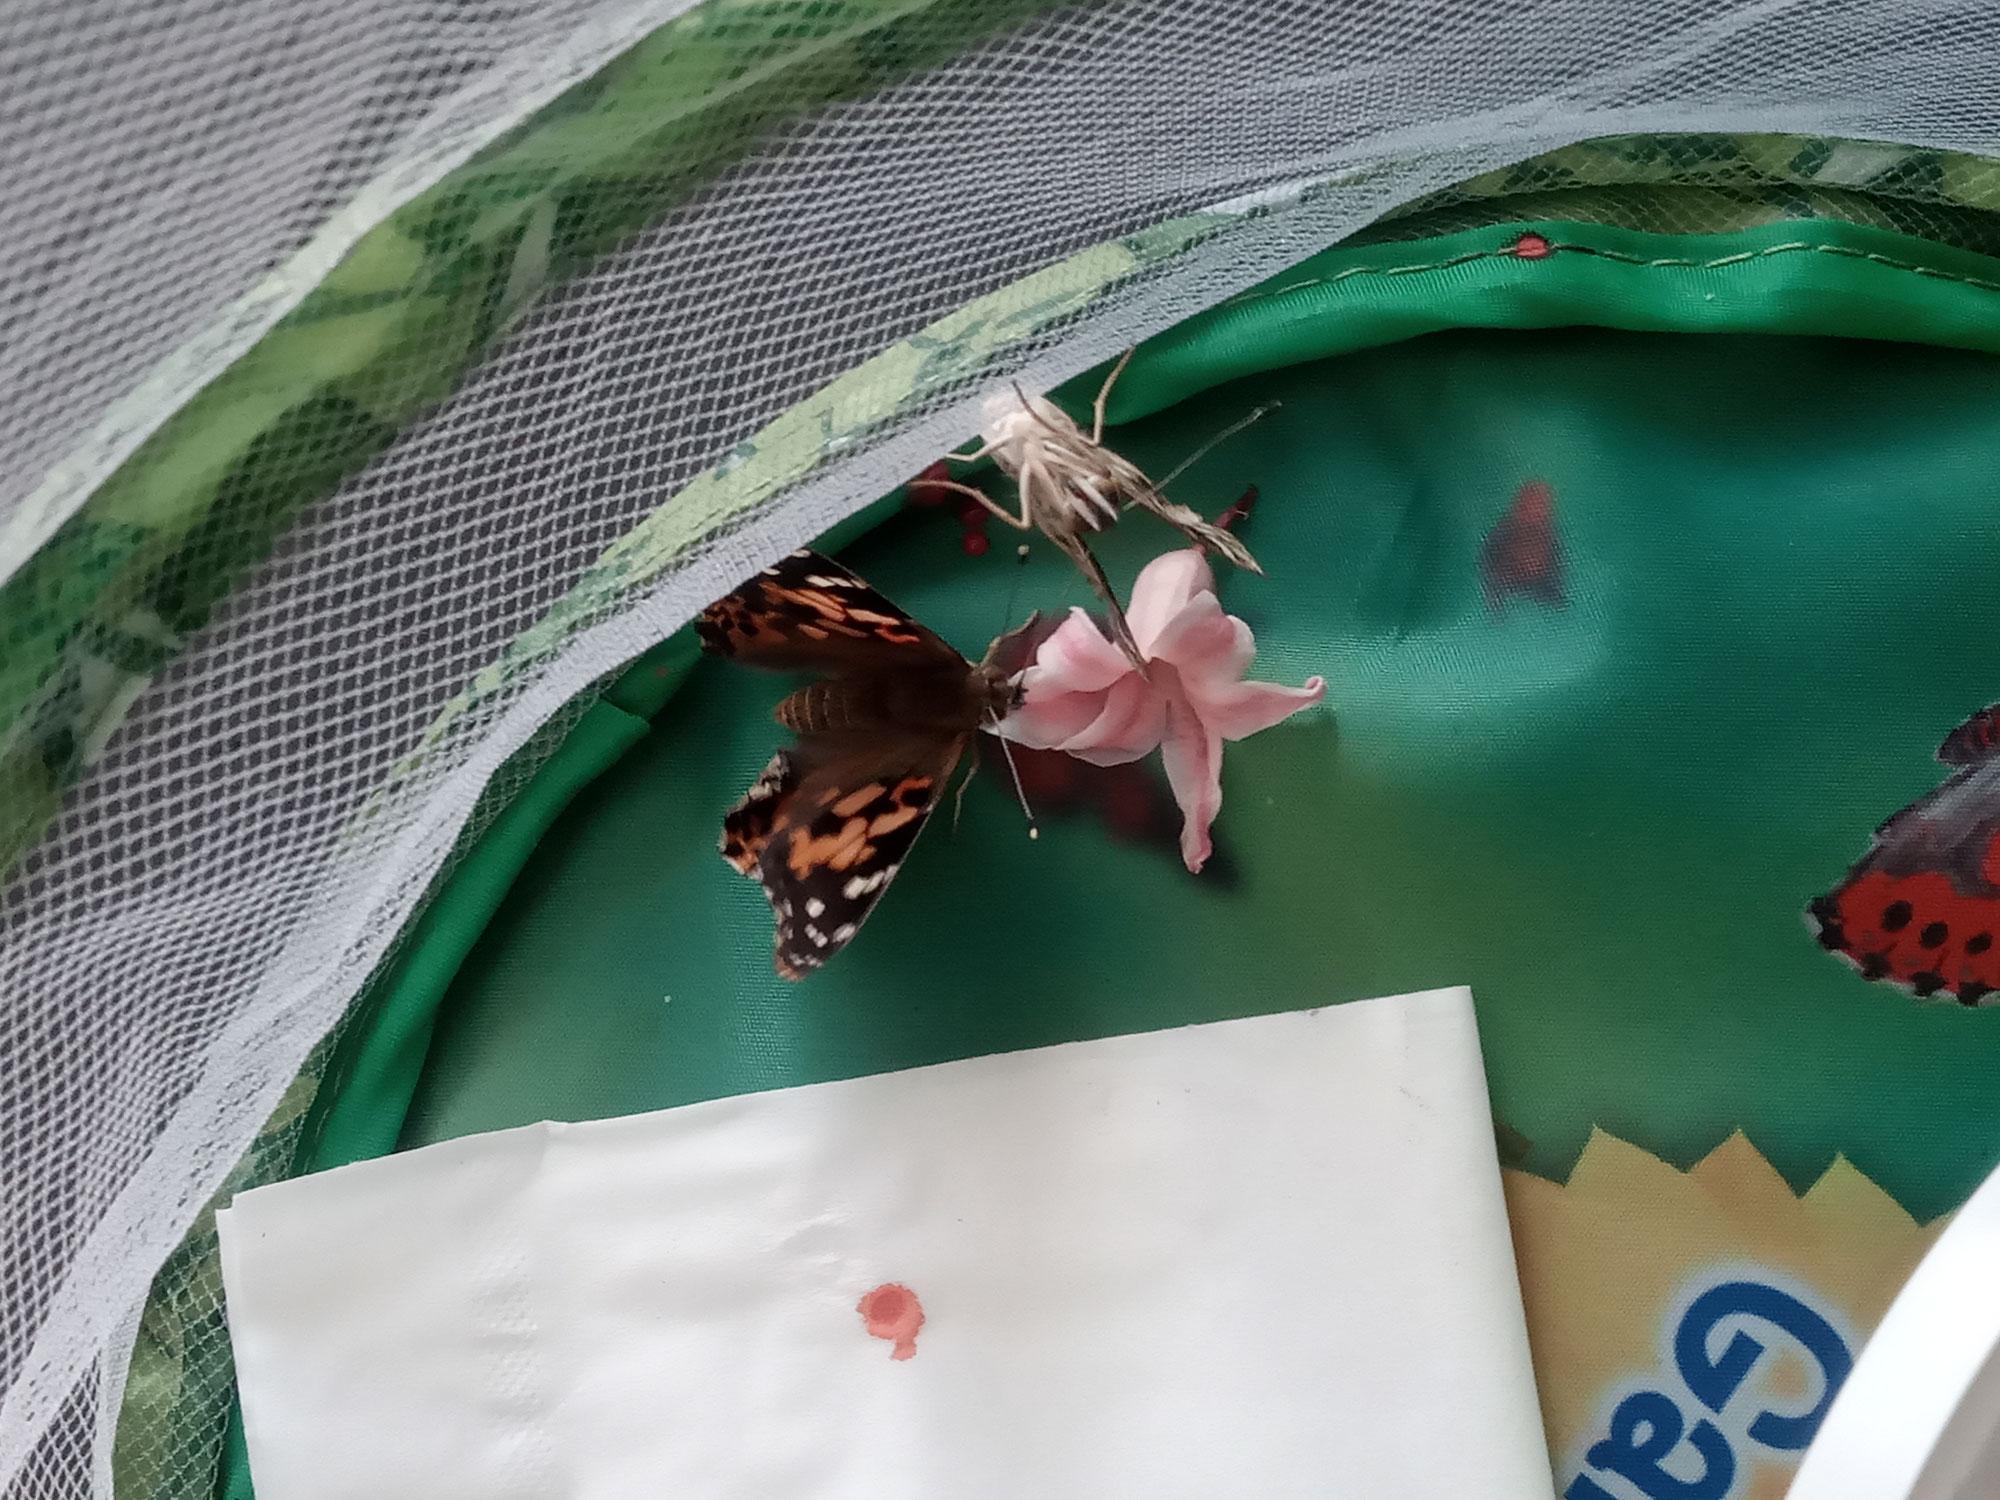 Nourriture des papillons et nouvelles émergences